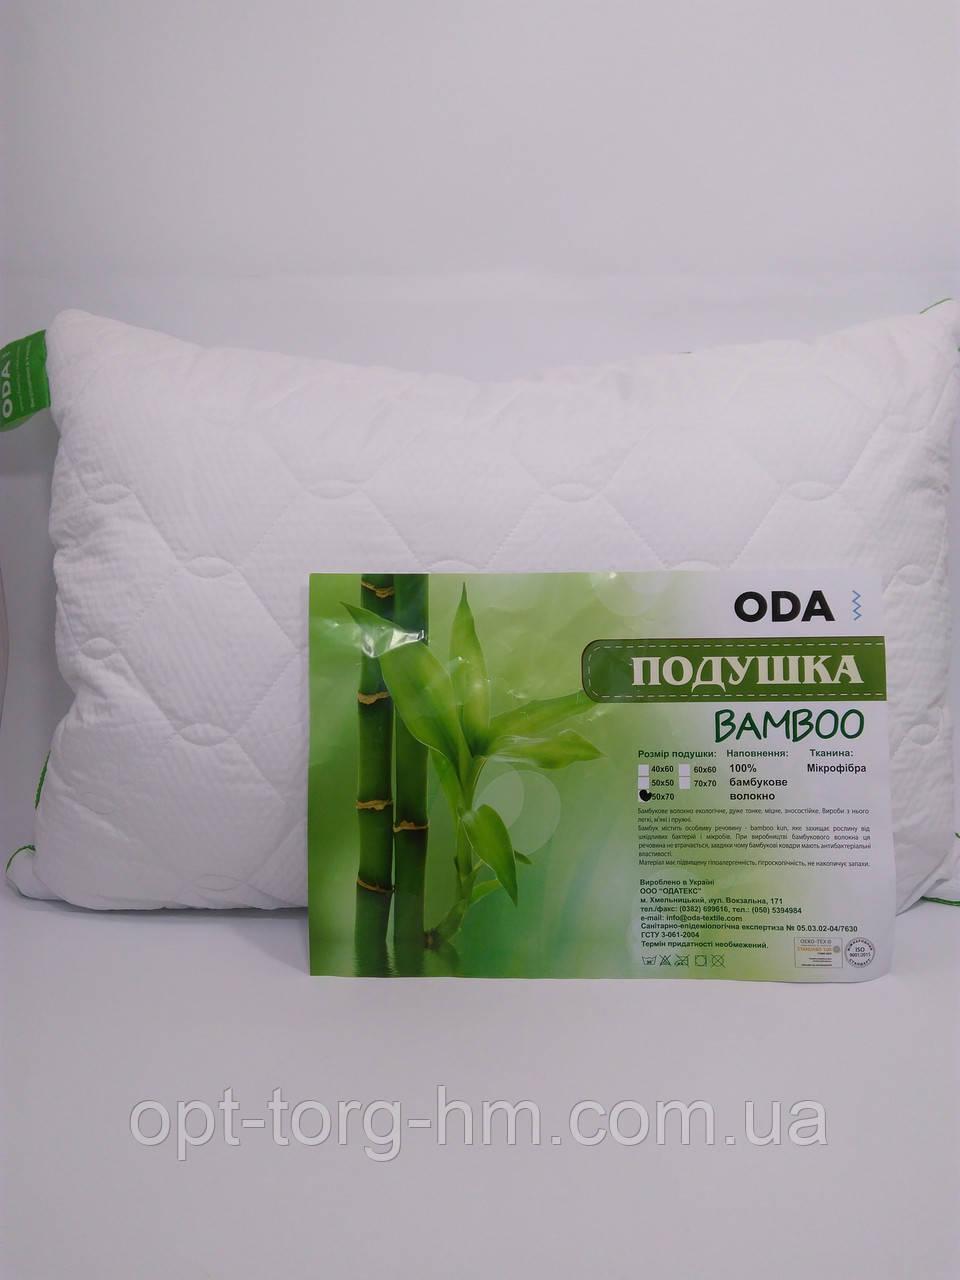 Подушка Bamboo 70*70 ОДА